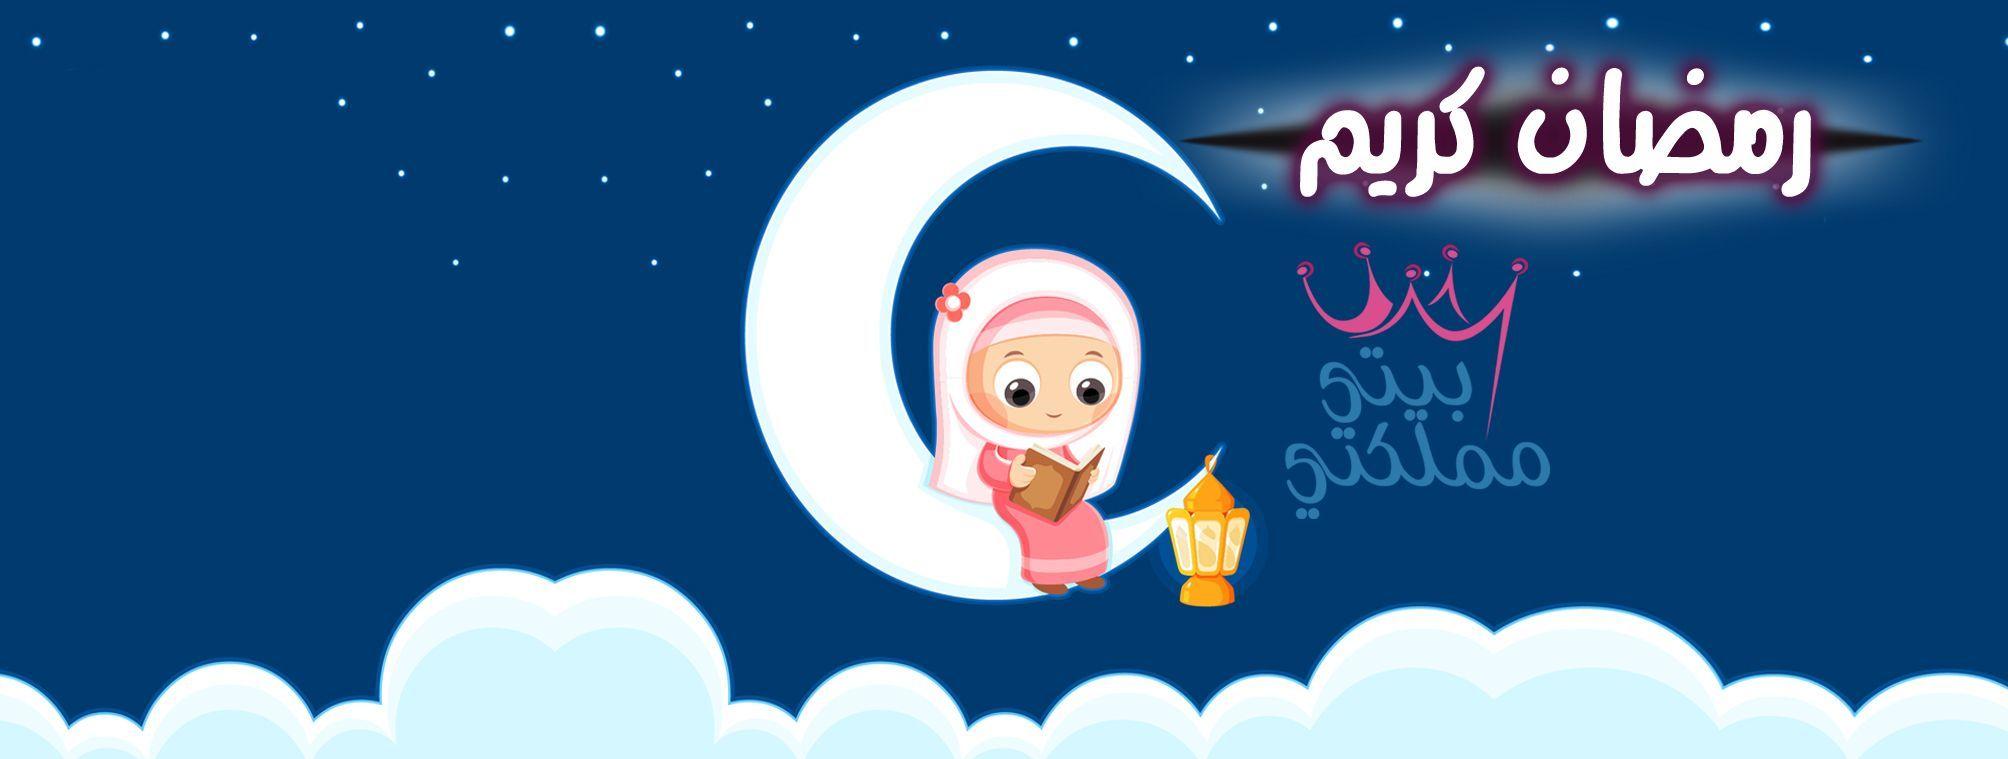 أغلفة فيس بوك لشهر رمضان وأجمل خلفيات وصور شهر رمضان الكريم Family Guy Fictional Characters Character